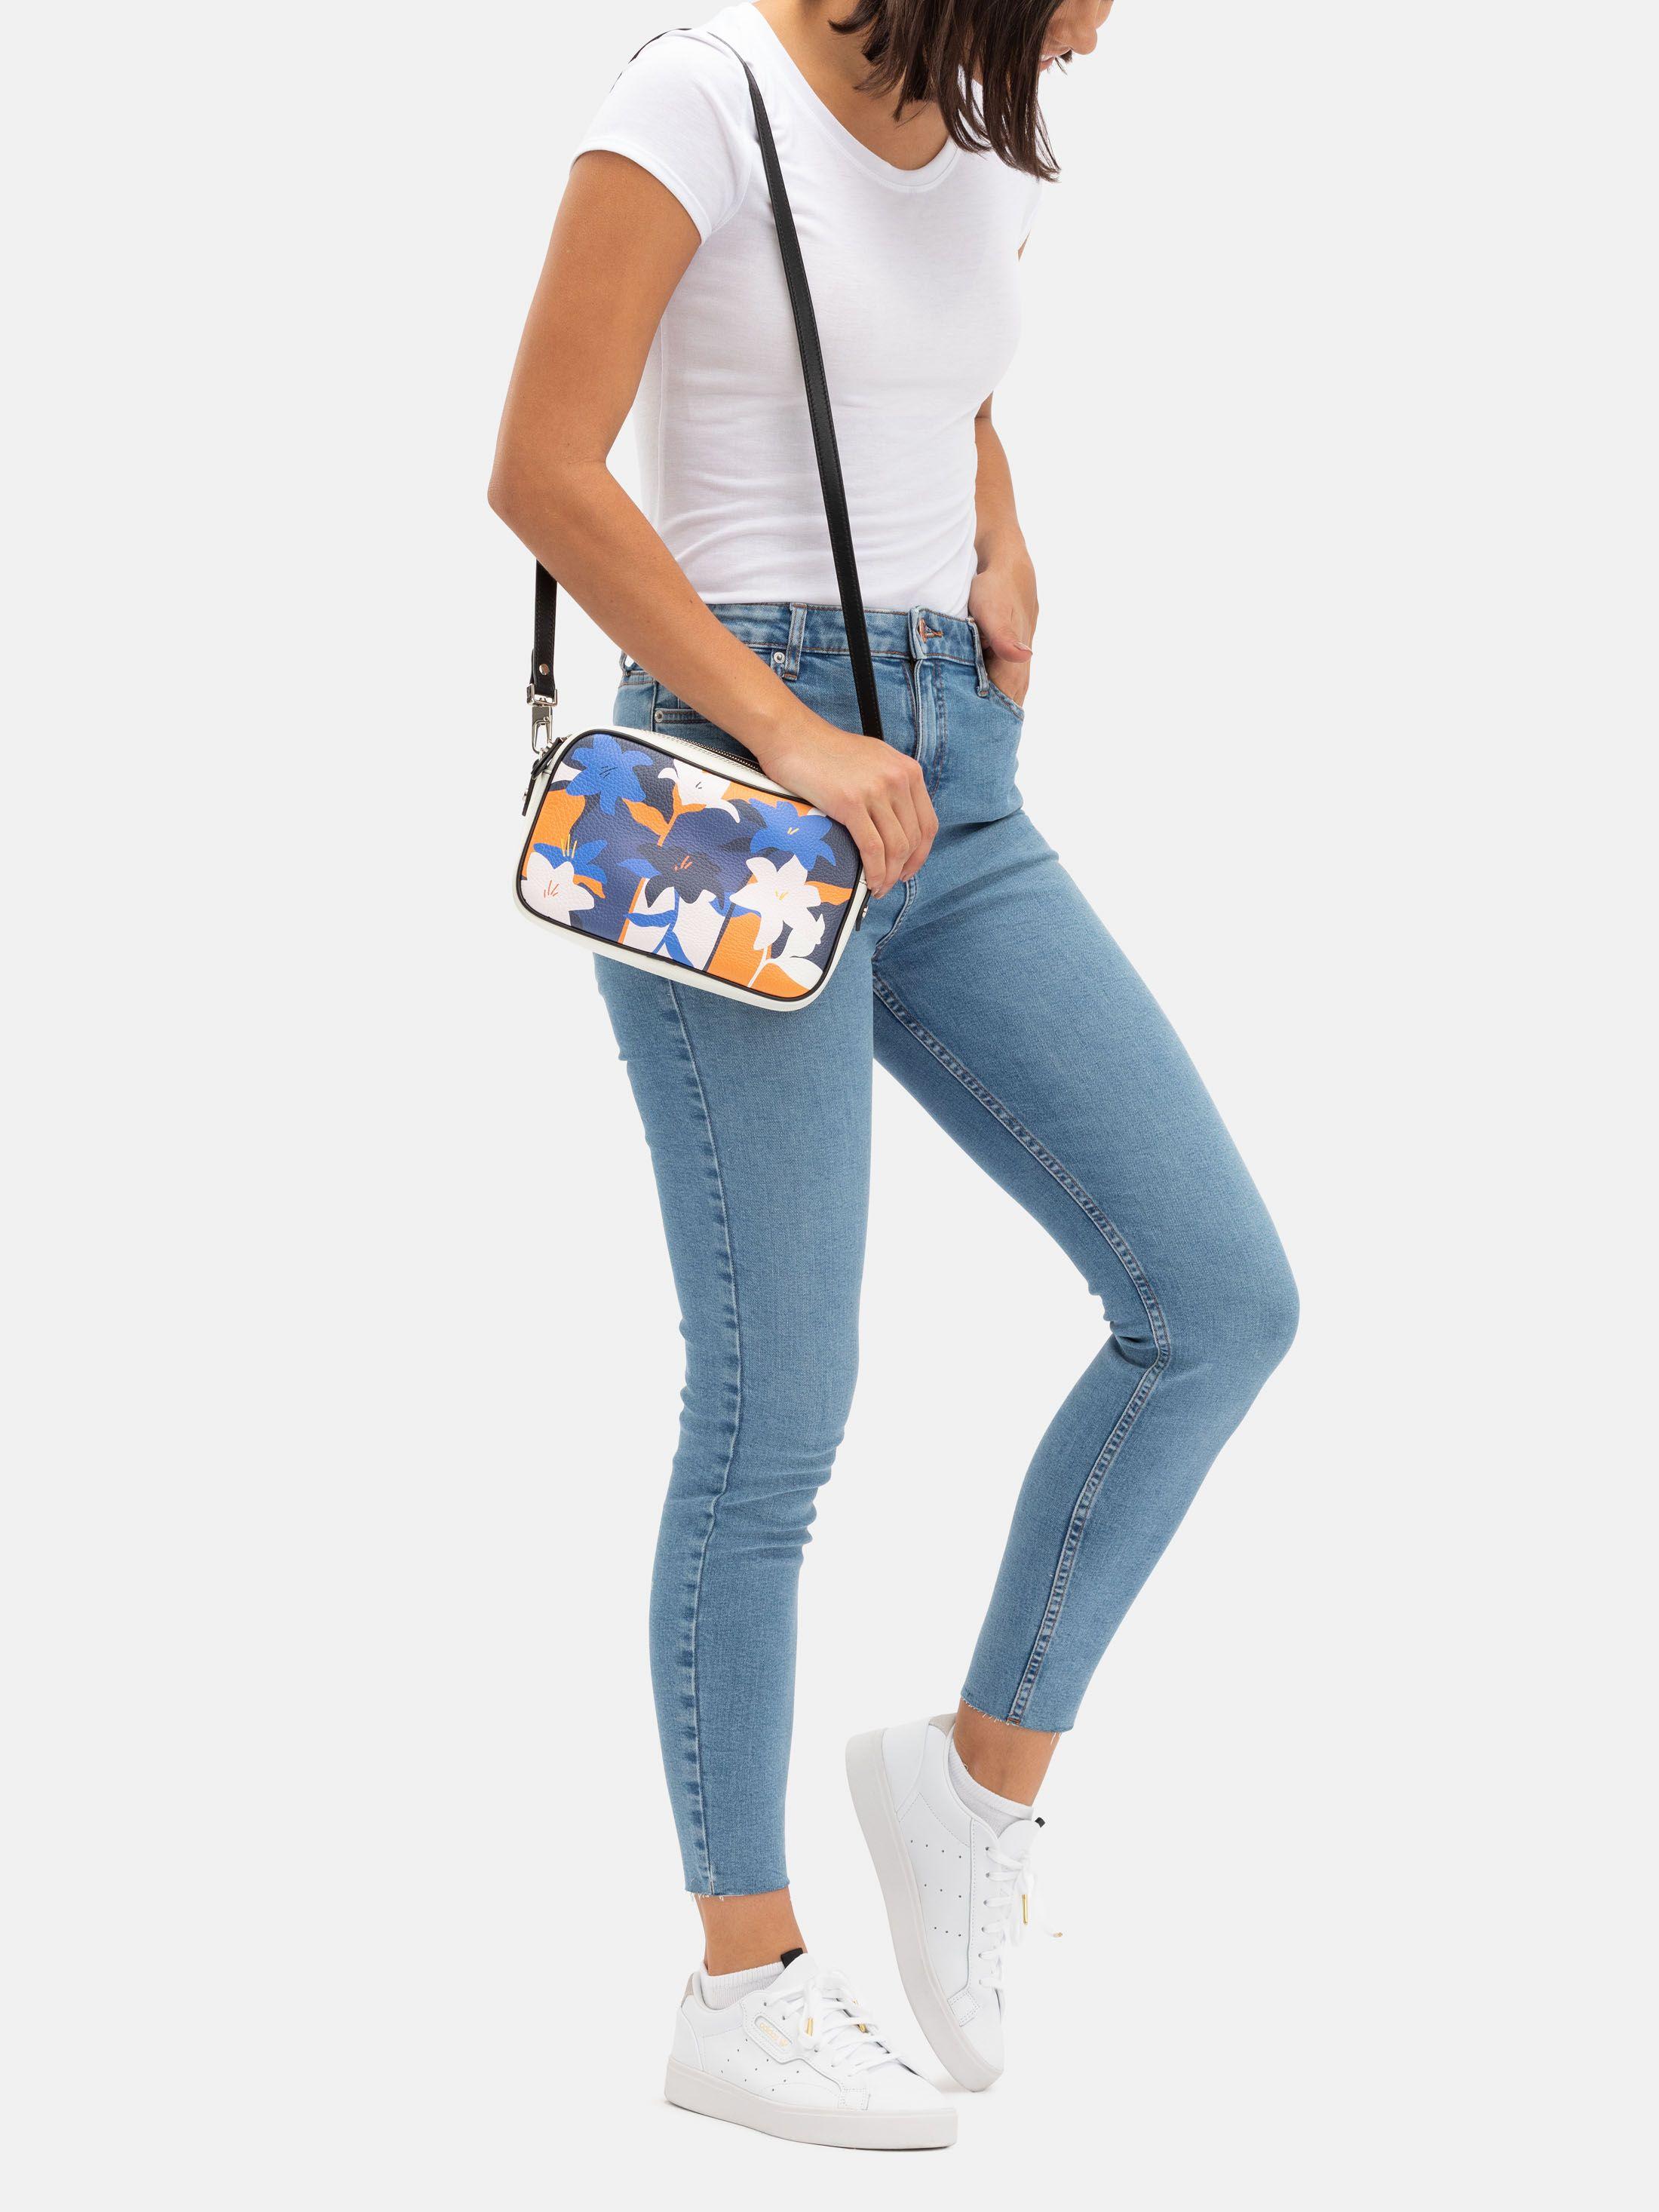 opzioni della borsetta a tracolla personalizzata con catena